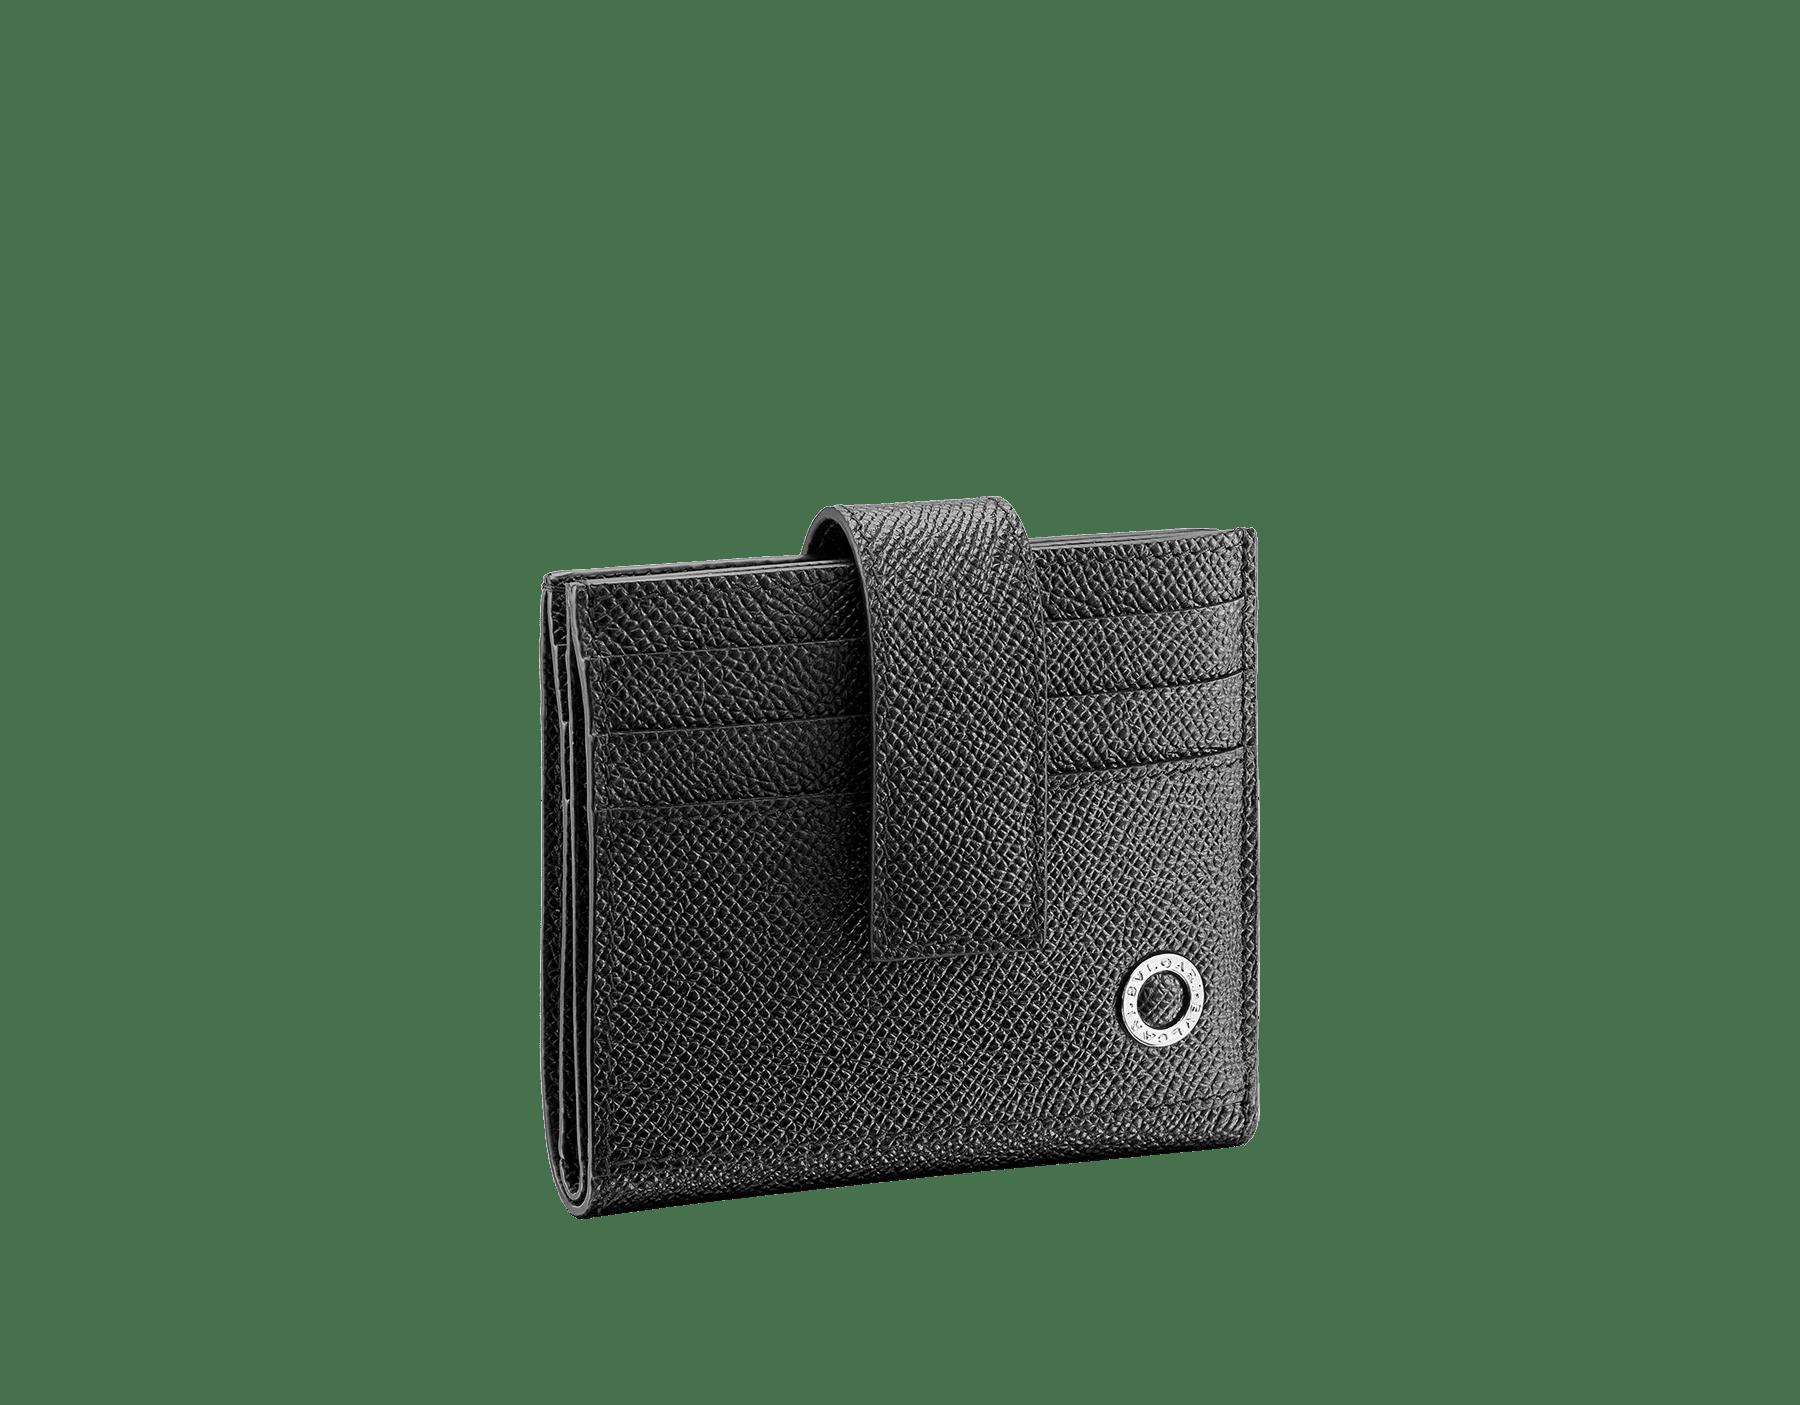 ブラックグレインカーフレザーの「ブルガリ・ブルガリ」カードホルダー。パラジウムプレートブラスのアイコニックなロゴ装飾。 290069 image 1